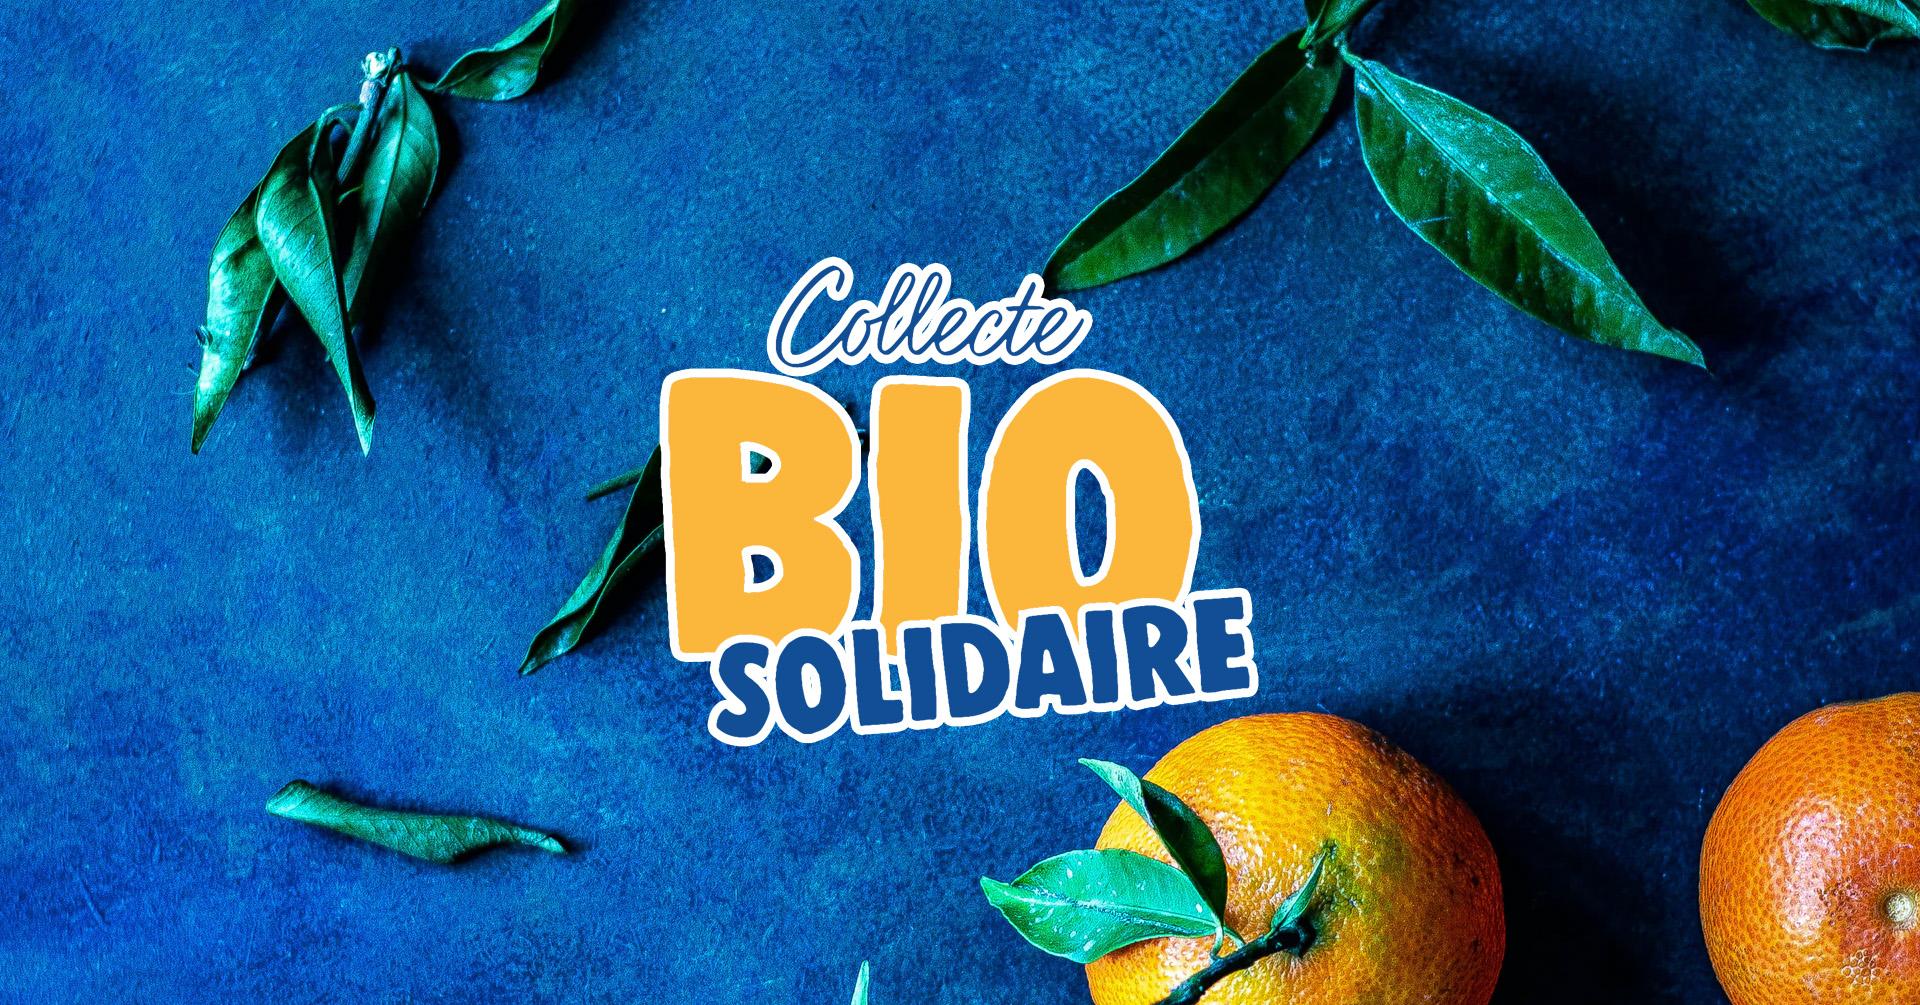 collecte-bio-solidaire-pontivy